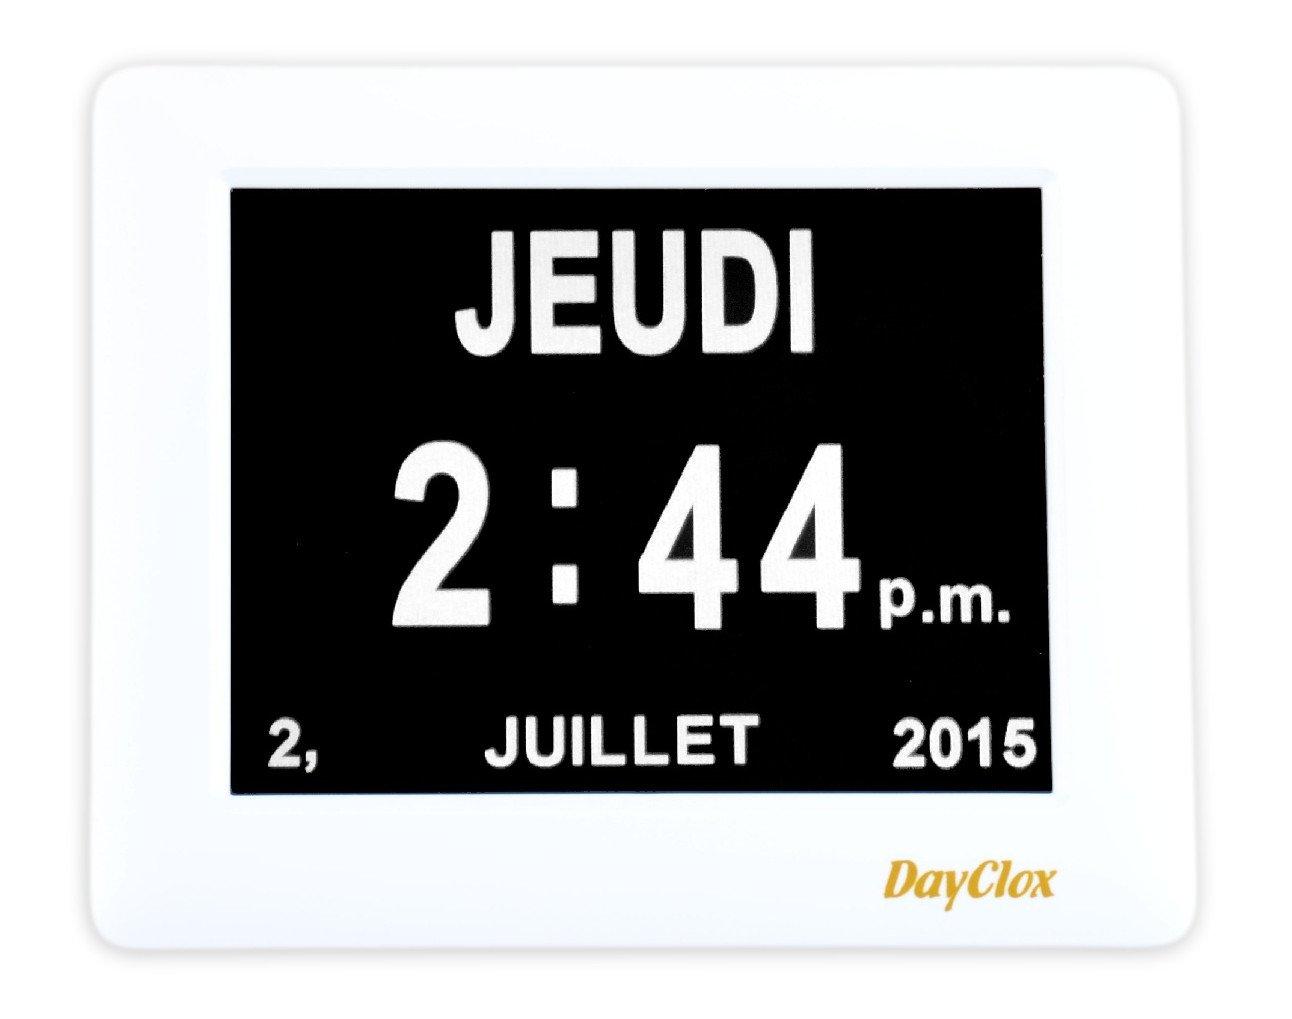 Horloge numérique avec jour - date et année